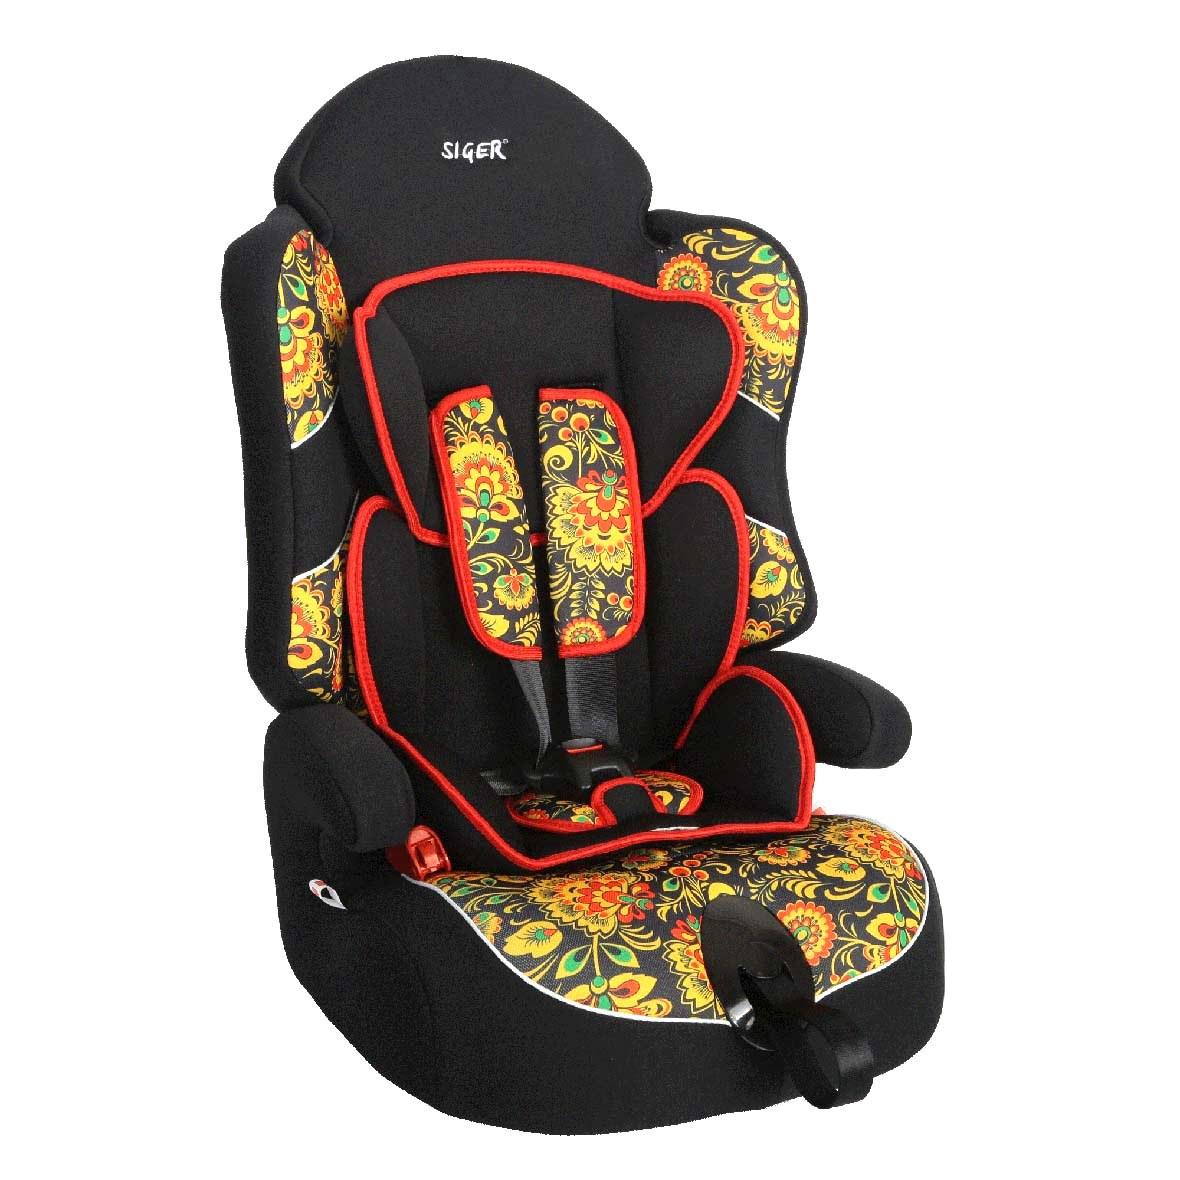 Кресло детское автомобильное Siger ДРАЙВ kres0277